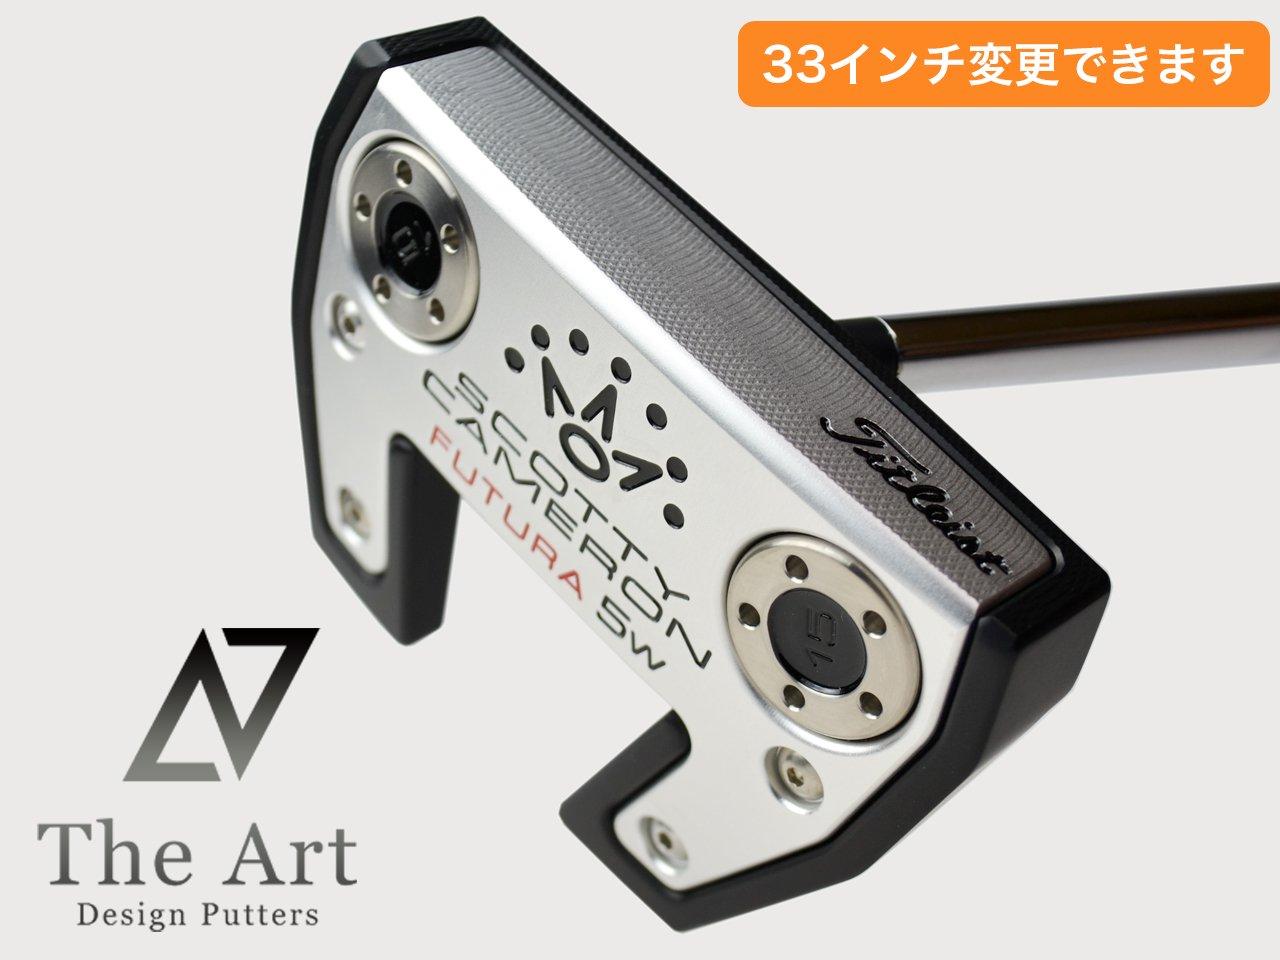 スコッティキャメロン カスタムパター FUTURA 5W[NEXT] Black & Silver & Red センターシャフト  with shaft Ring